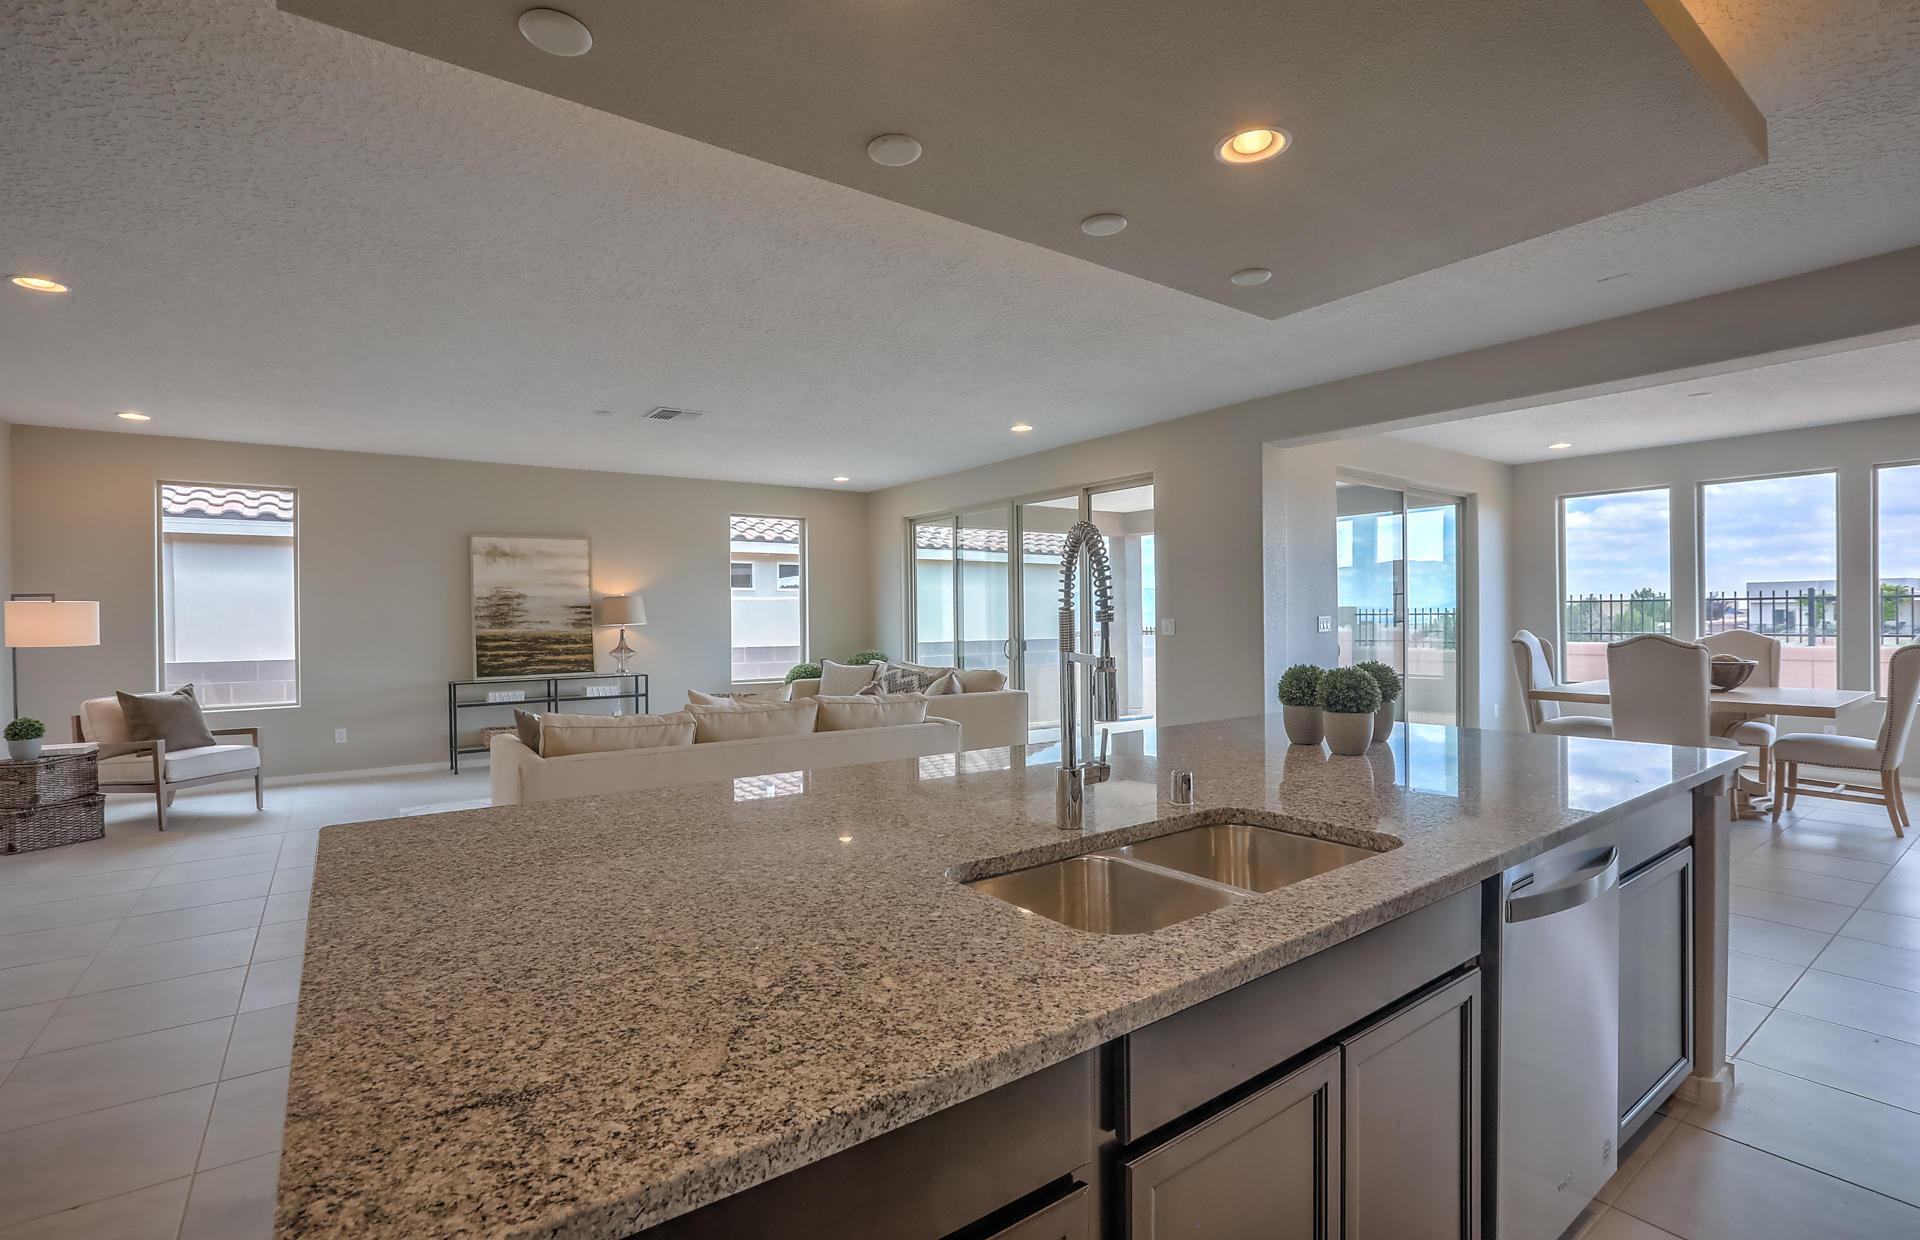 Granite Kitchen Island and Dishwasher